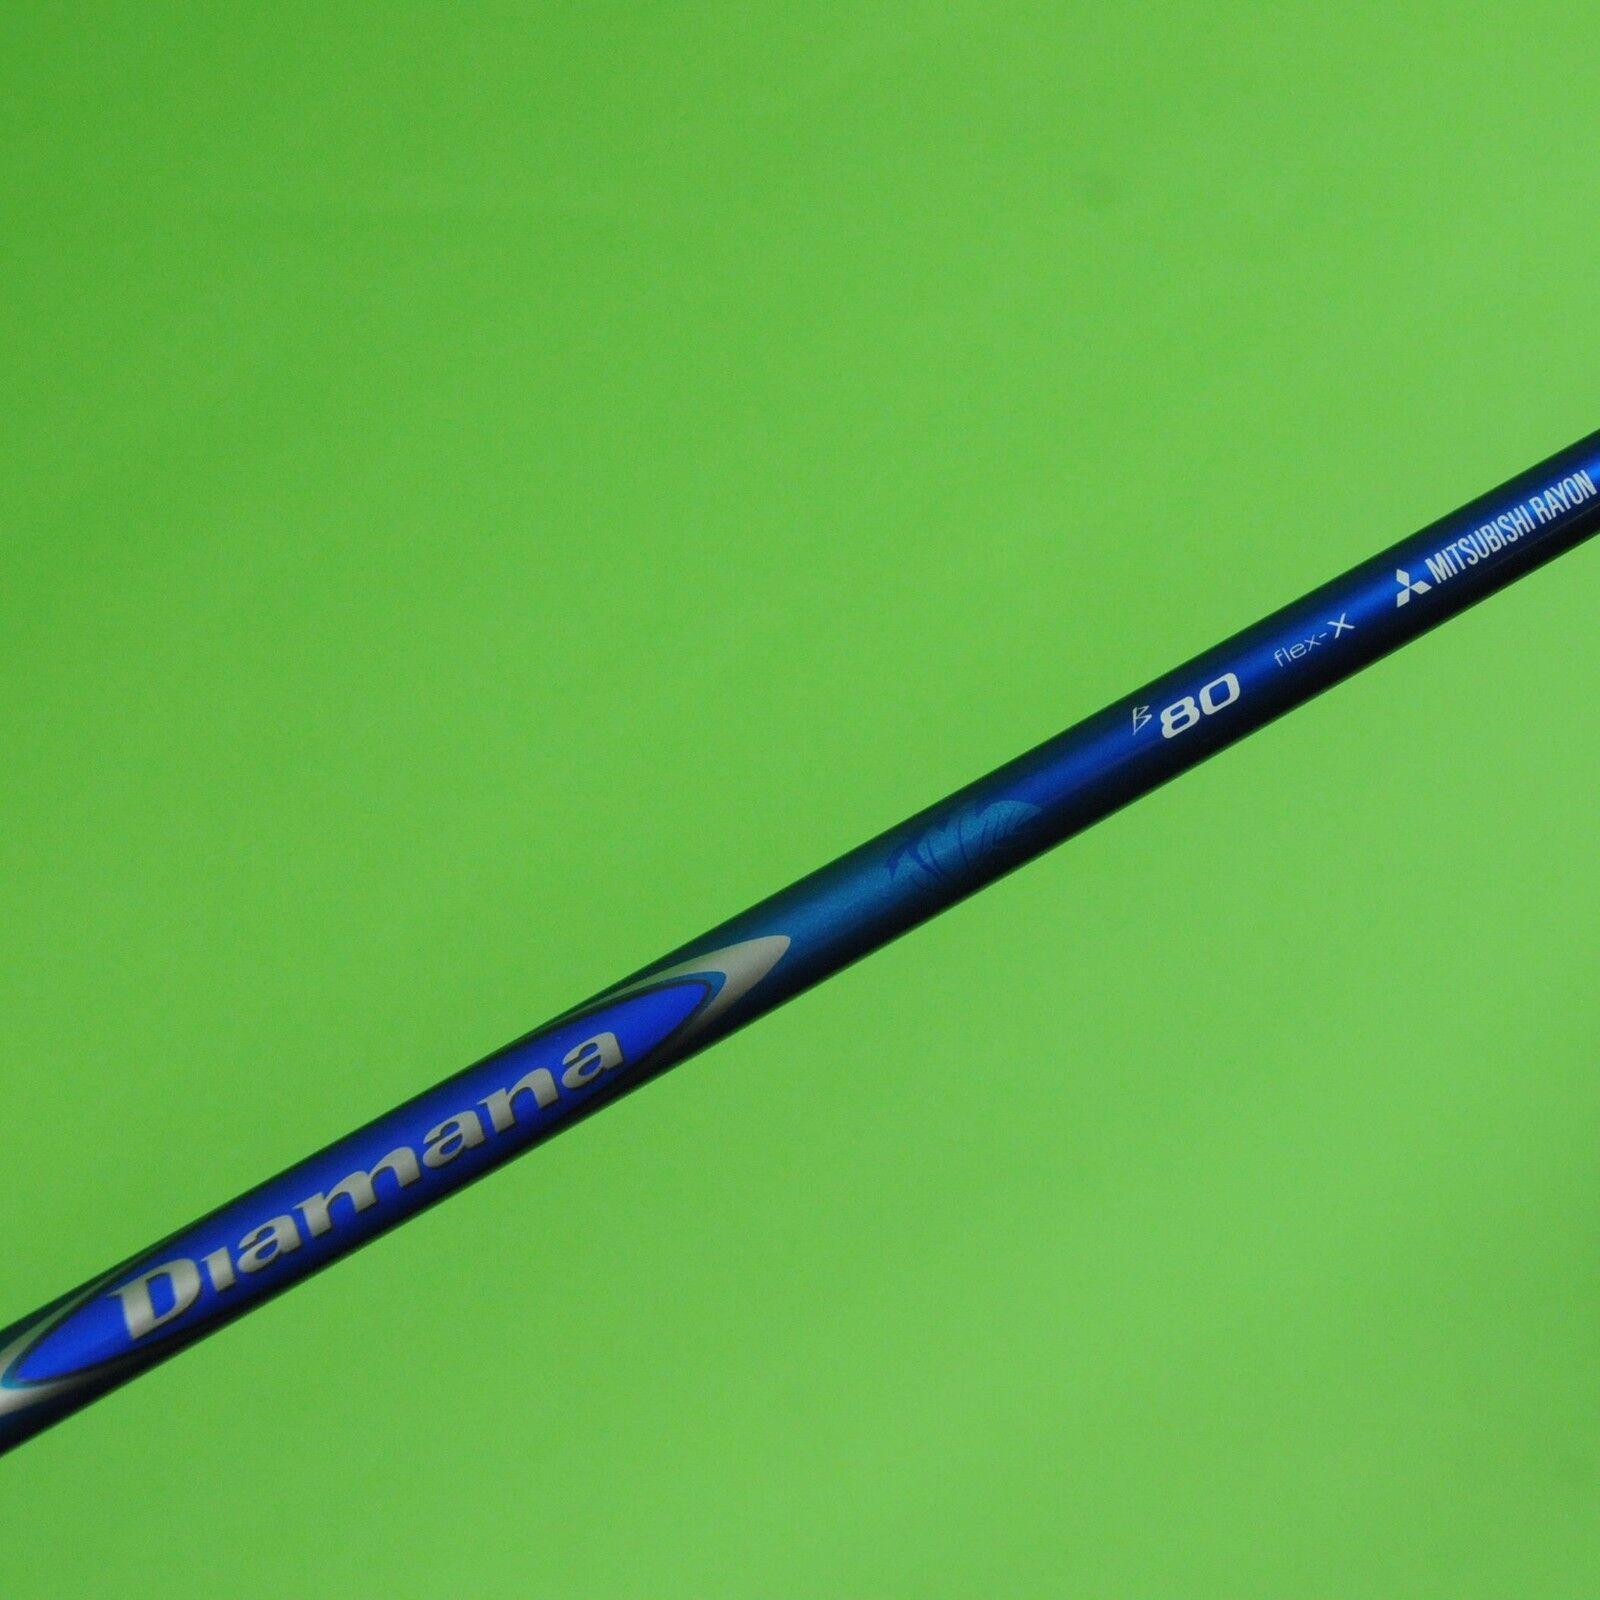 Azul Genuino Diamana Serie B 80g X-eje rígido de la flexión del controlador 46  Nuevo